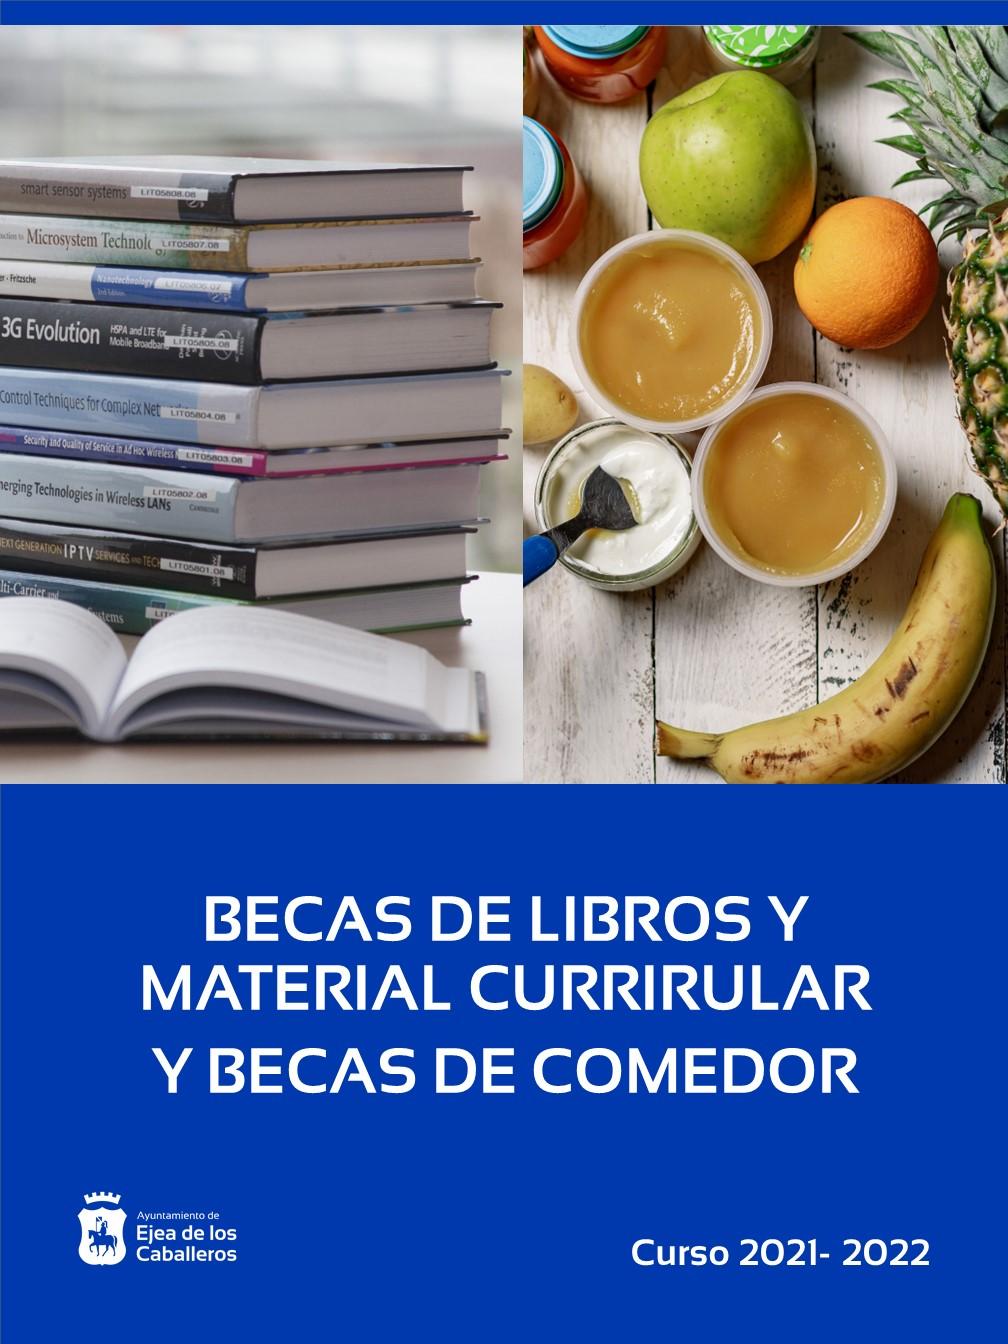 Ya se pueden solicitar las becas para libros, material curricular y comedor para el próximo curso escolar